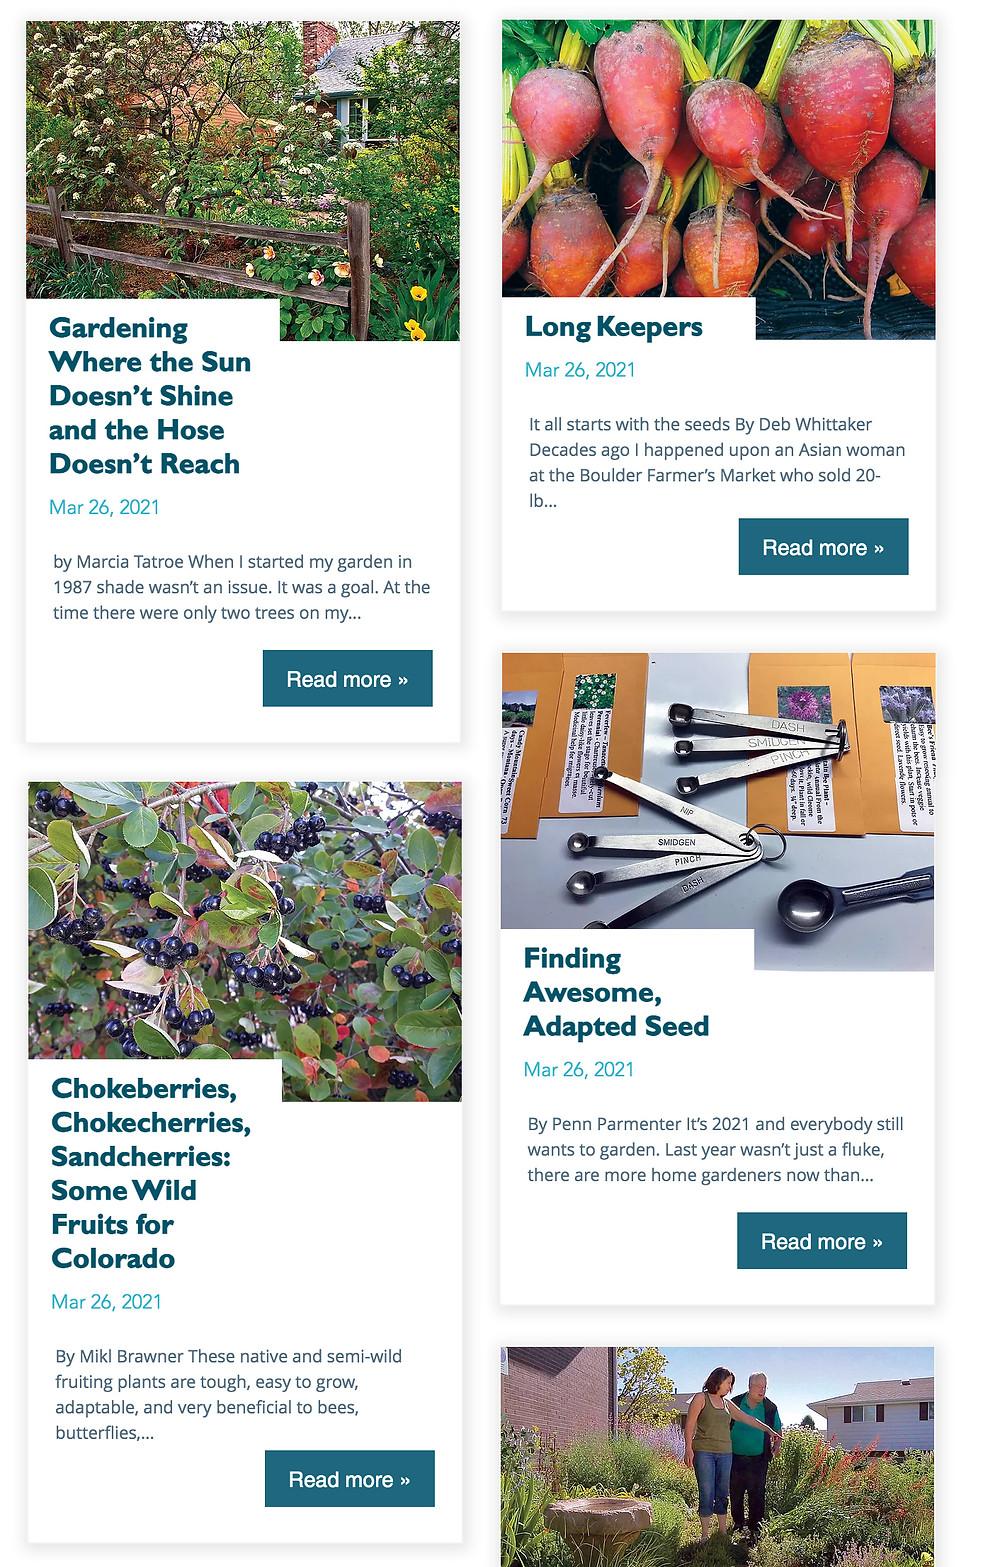 New Colorado Gardener Blog & Website designed by Picklewix.com